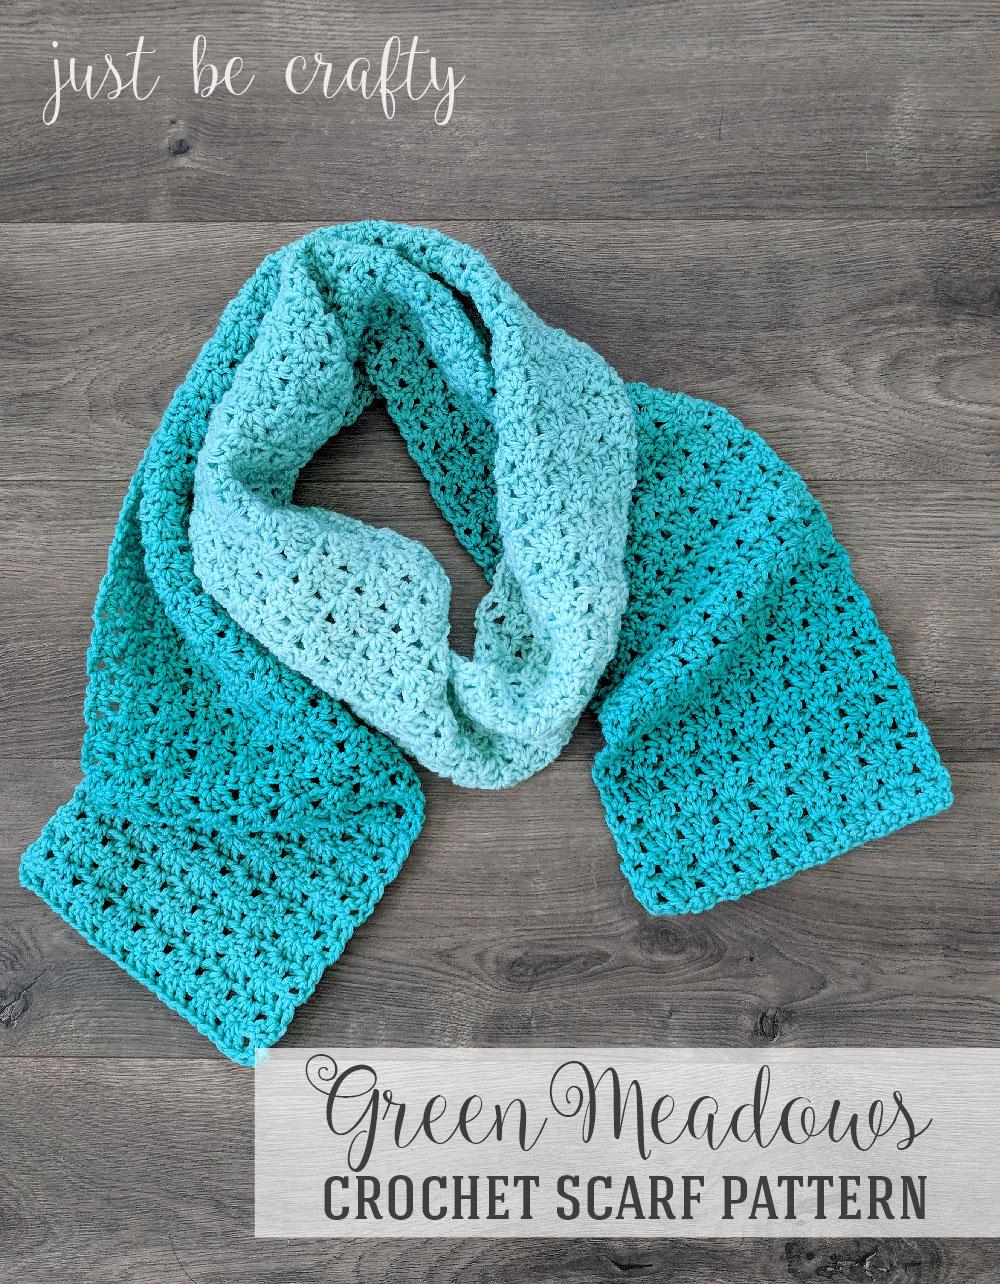 Green Meadows Crochet Scarf Pattern | Free Crochet Pattern by Just Be Crafty